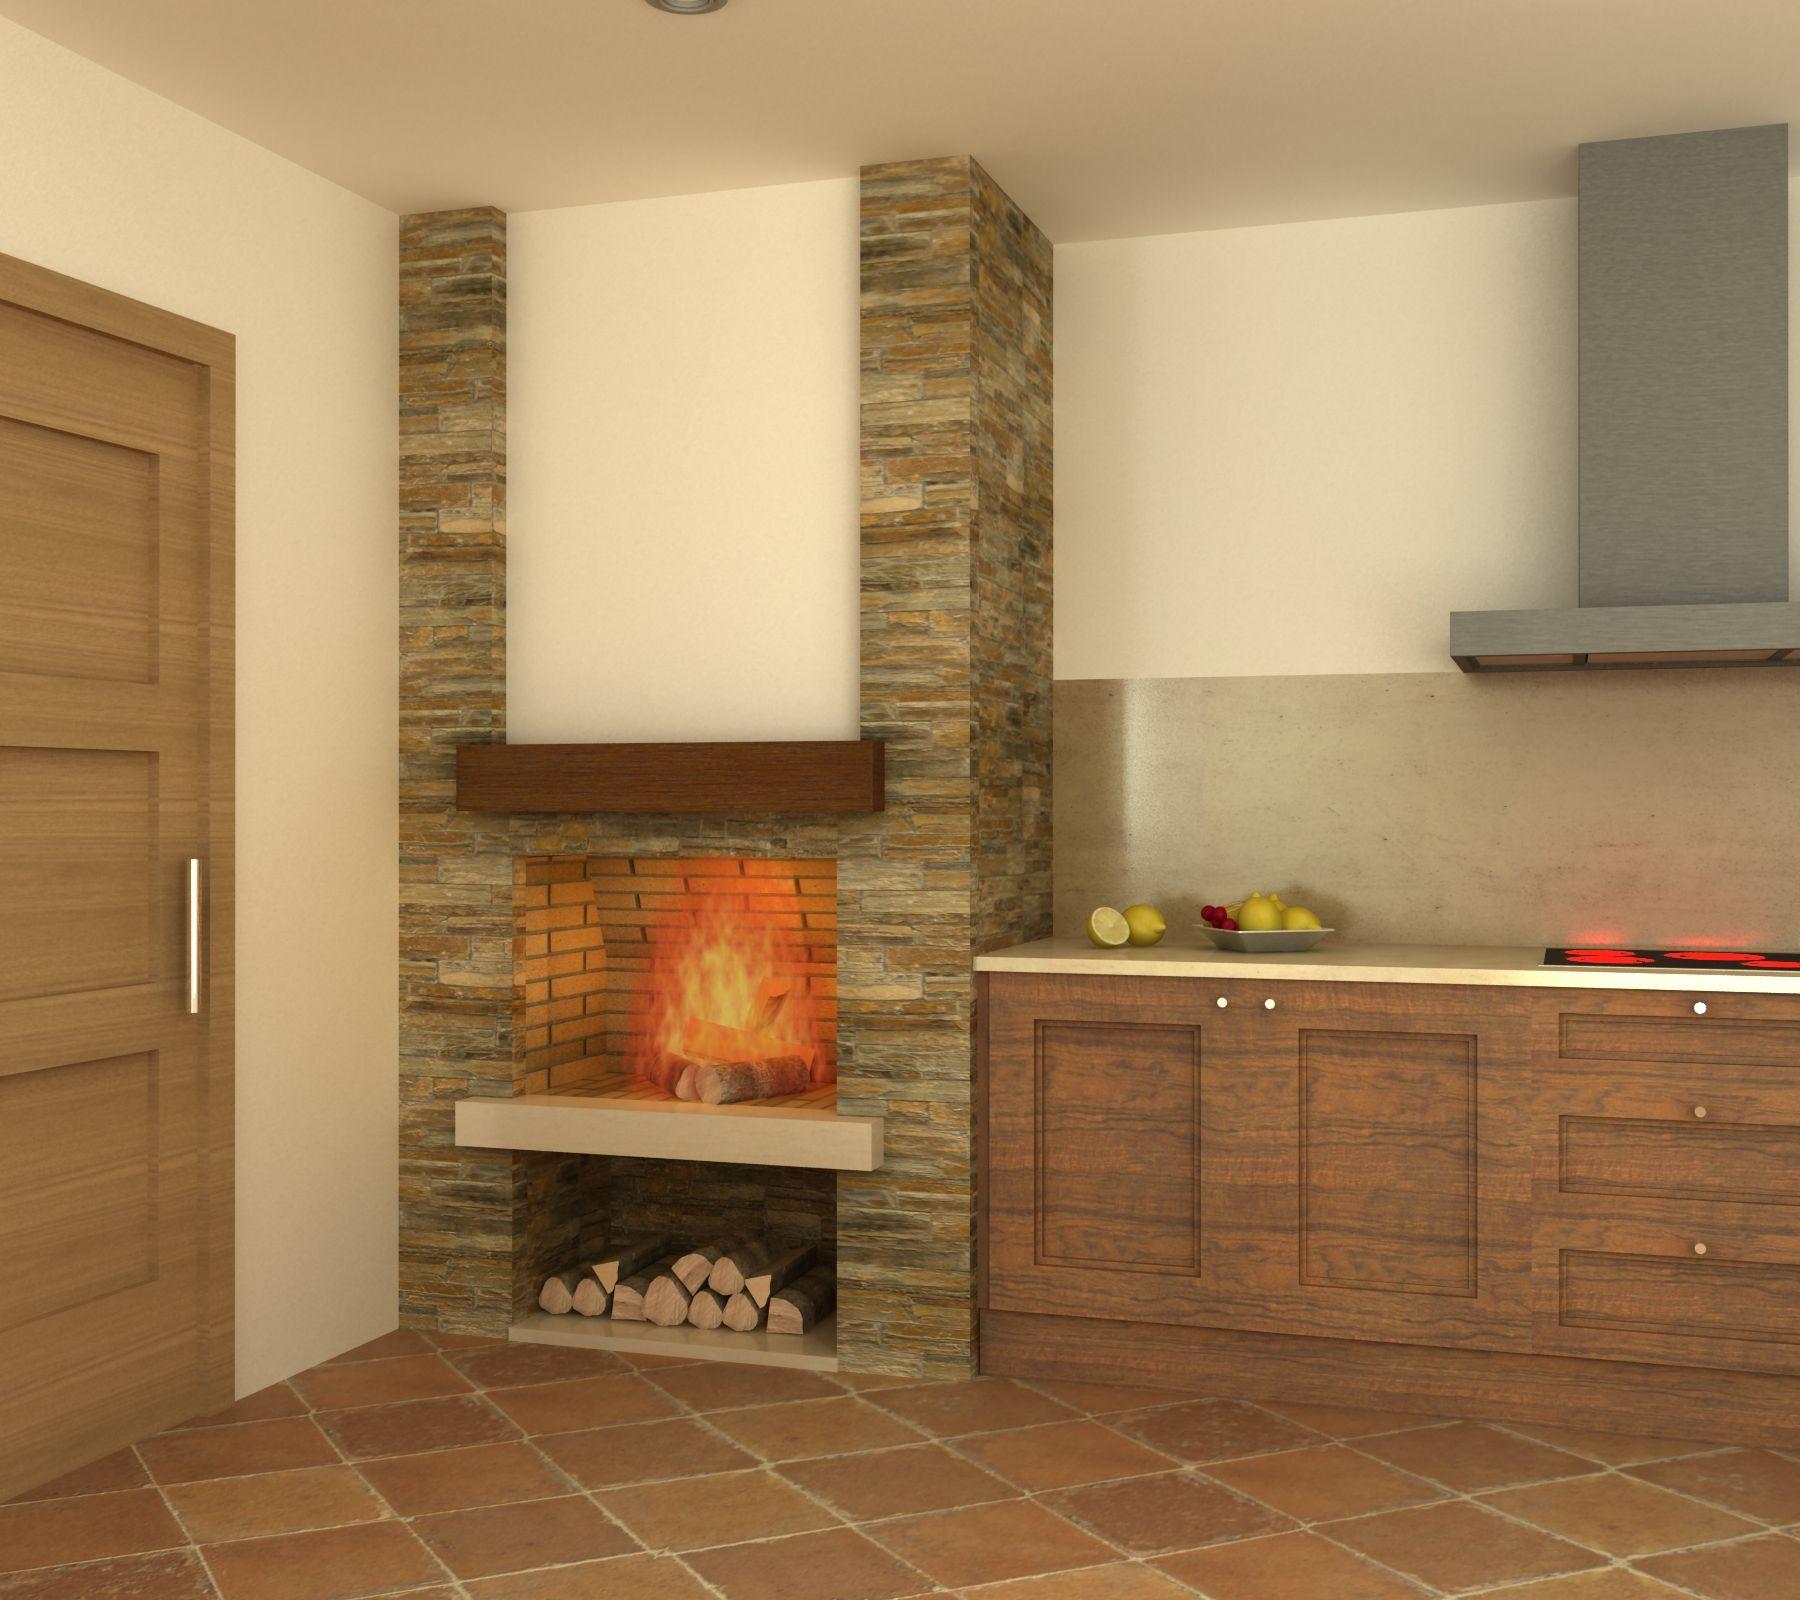 affordable resultado de imagen para como disear una chimenea de lea with diseo de chimeneas de lea - Chimeneas Rusticas De Lea